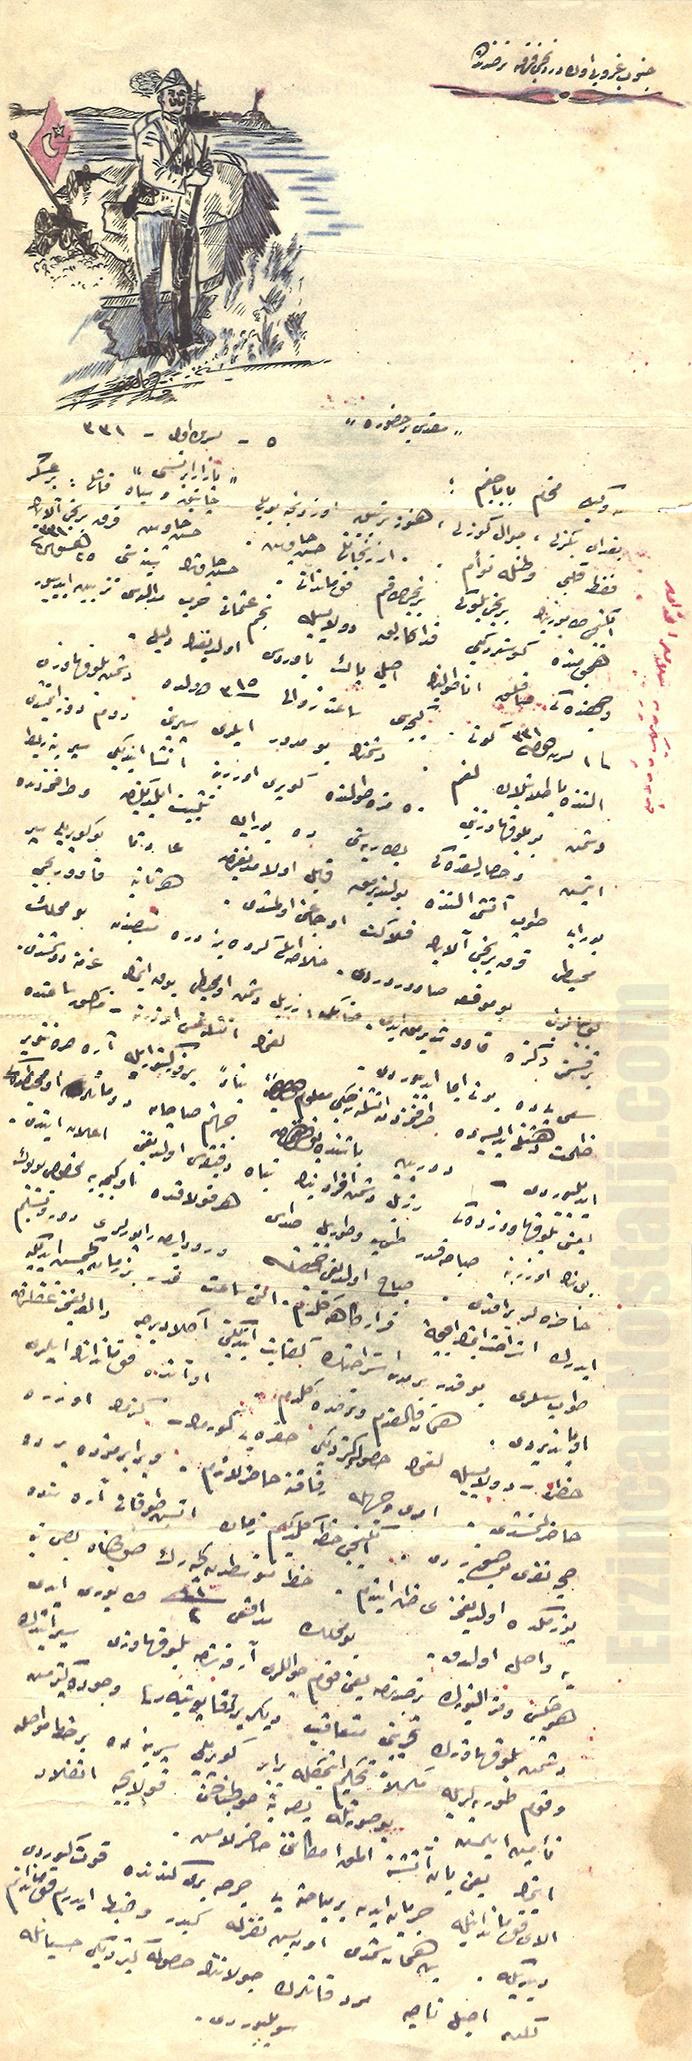 Hasan Cavus Mektubu